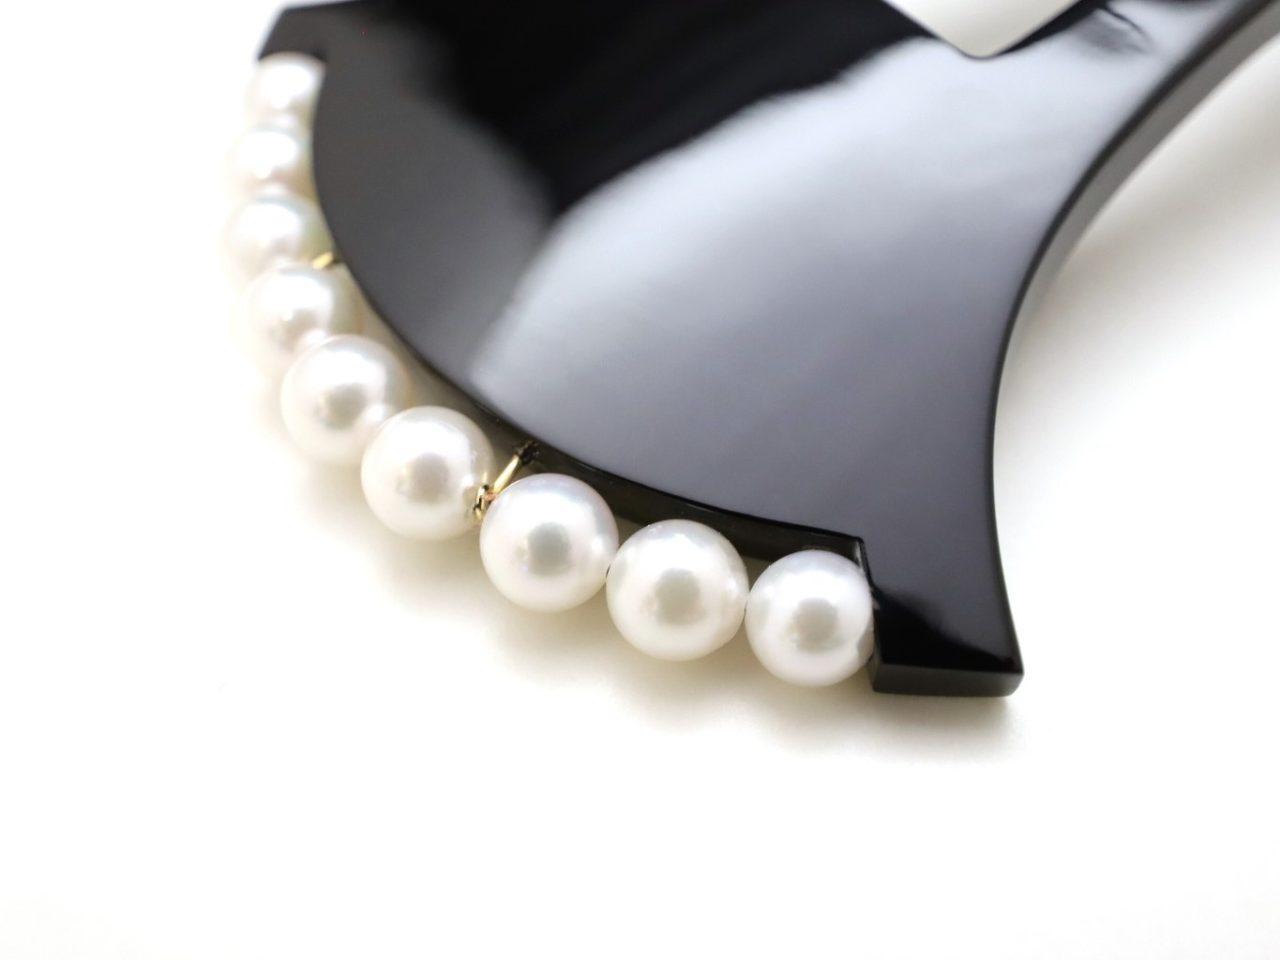 黒留袖、新郎新婦のお母さま、結婚式におすすめ、優しい印象の黒べっ甲パール付きかんざし2021・2種